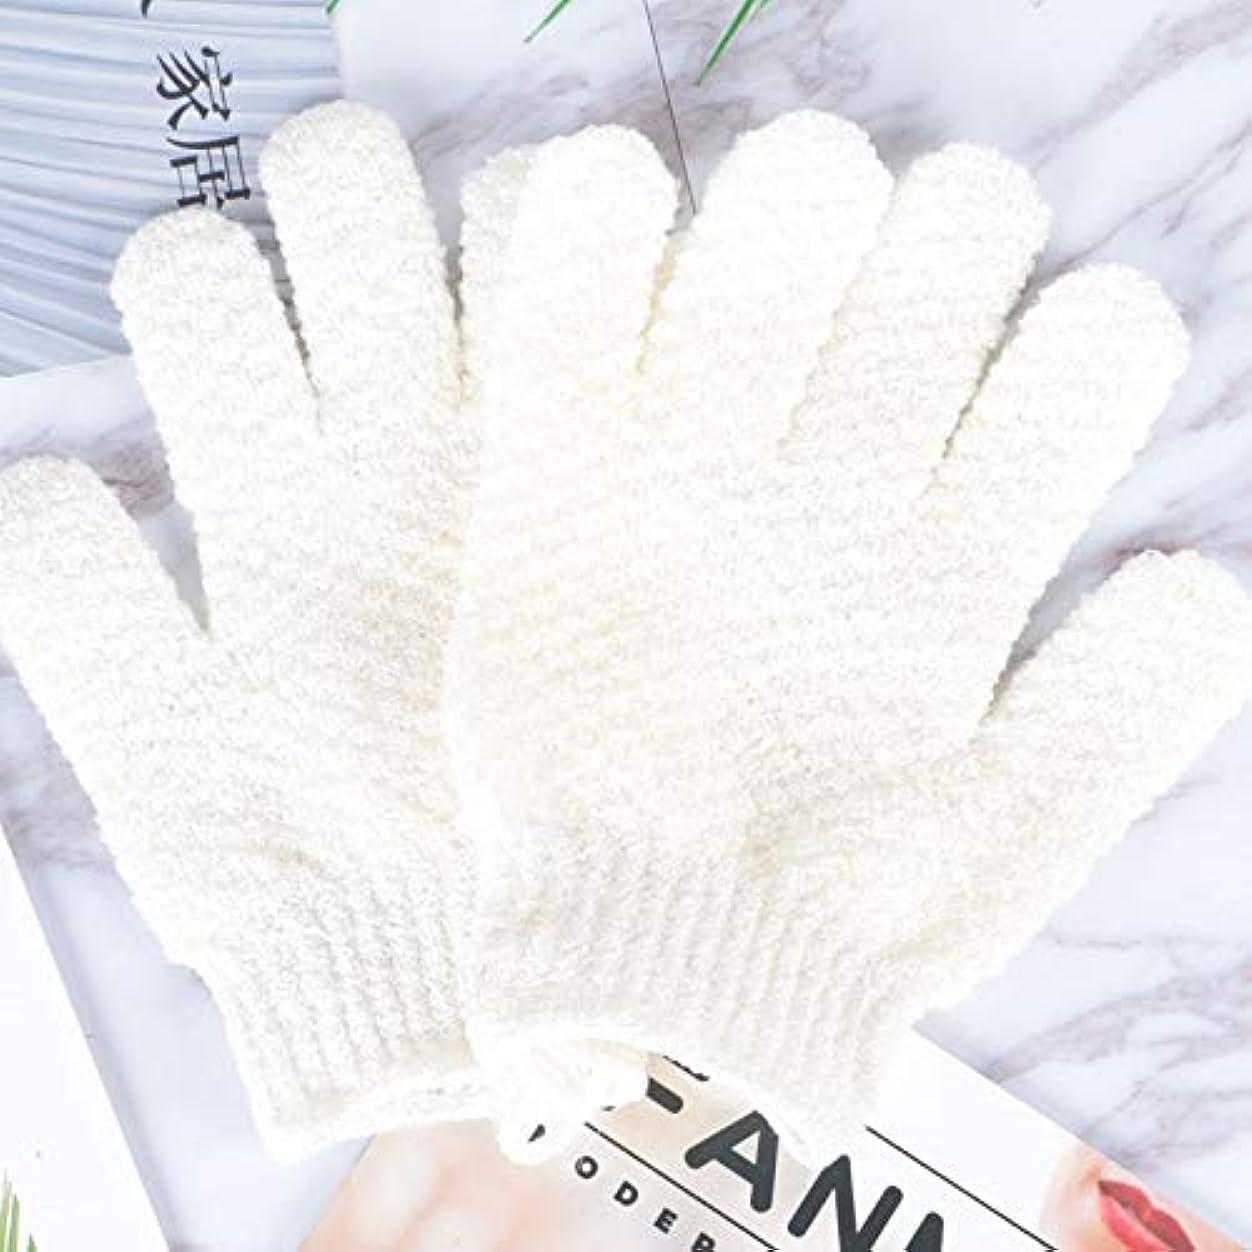 消毒するコード外国人BTXXYJP お風呂用手袋 あかすり シャワー手袋 ボディタオル ボディブラシ やわらか バス用品 角質除去 (Color : GREEN-B)